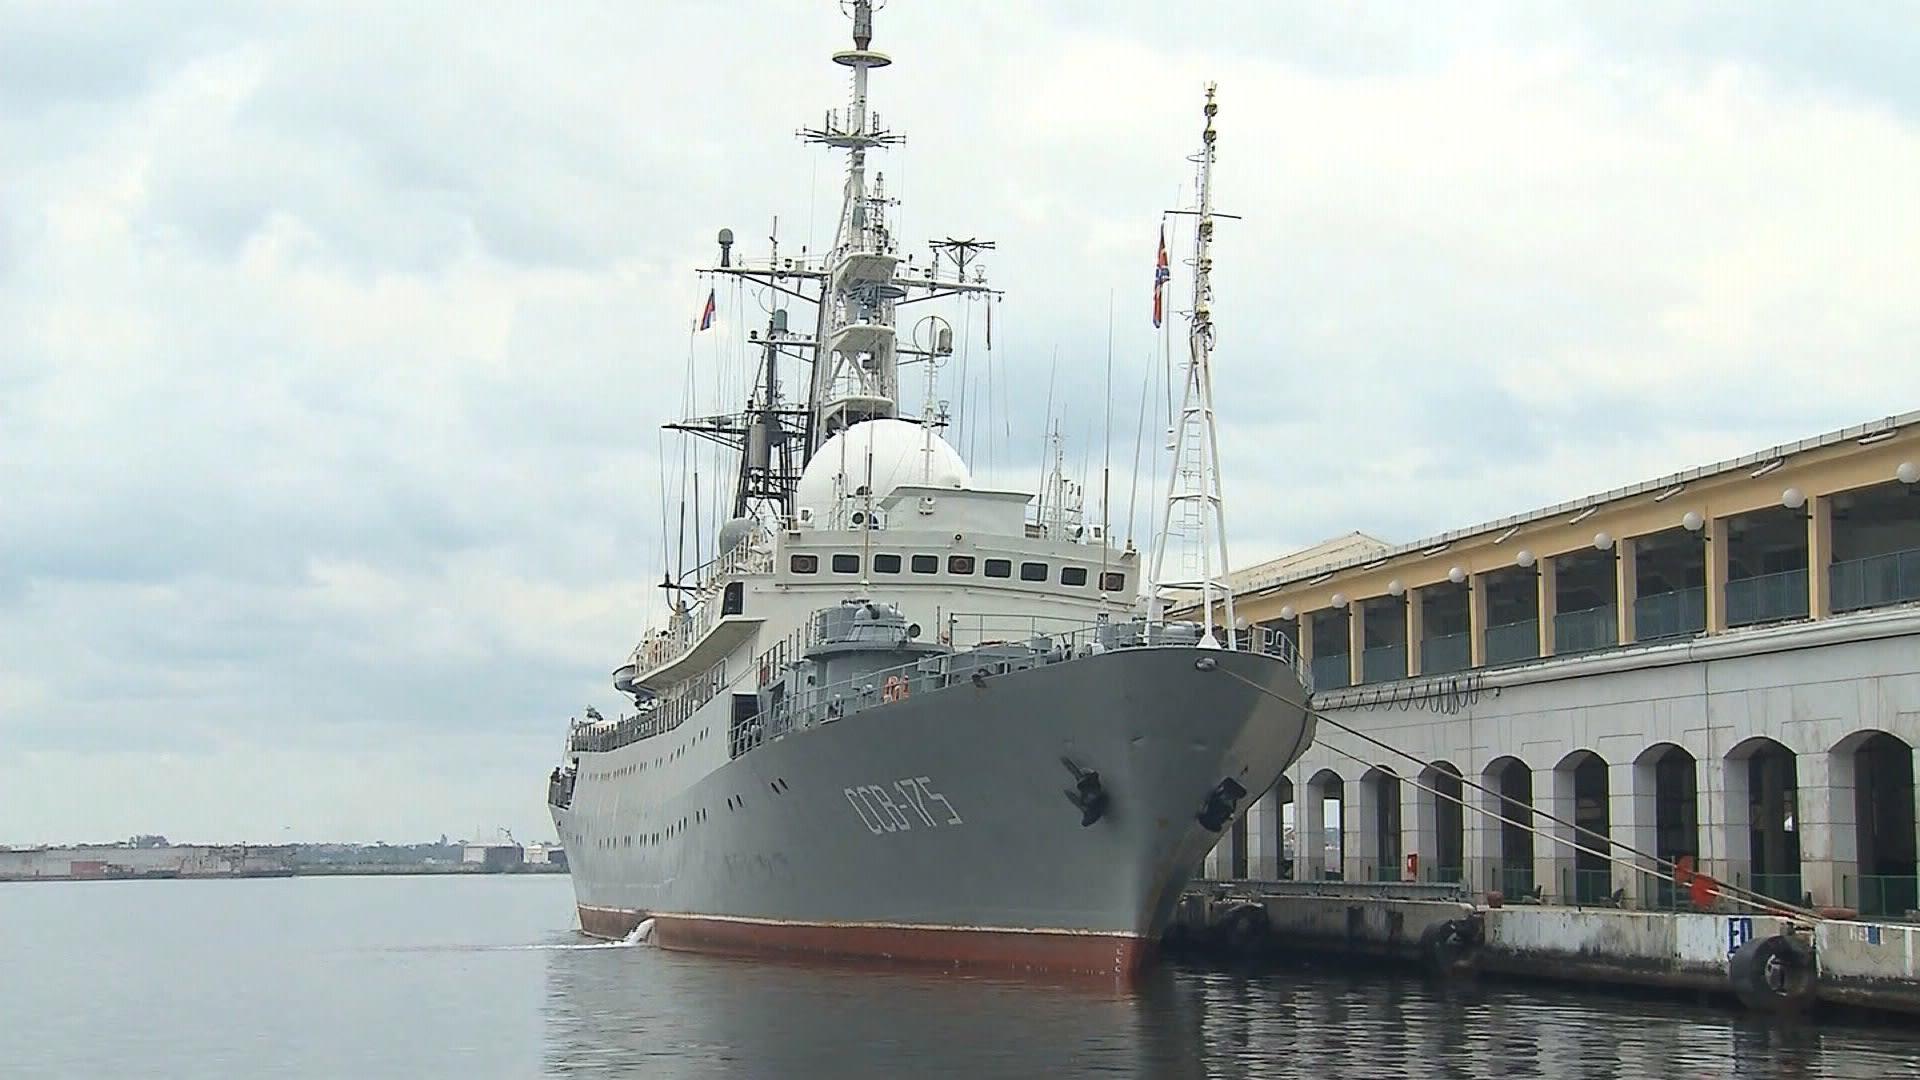 الجيش الأمريكي: سفينة تجسس روسية تتجه إلى الولايات المتحدة